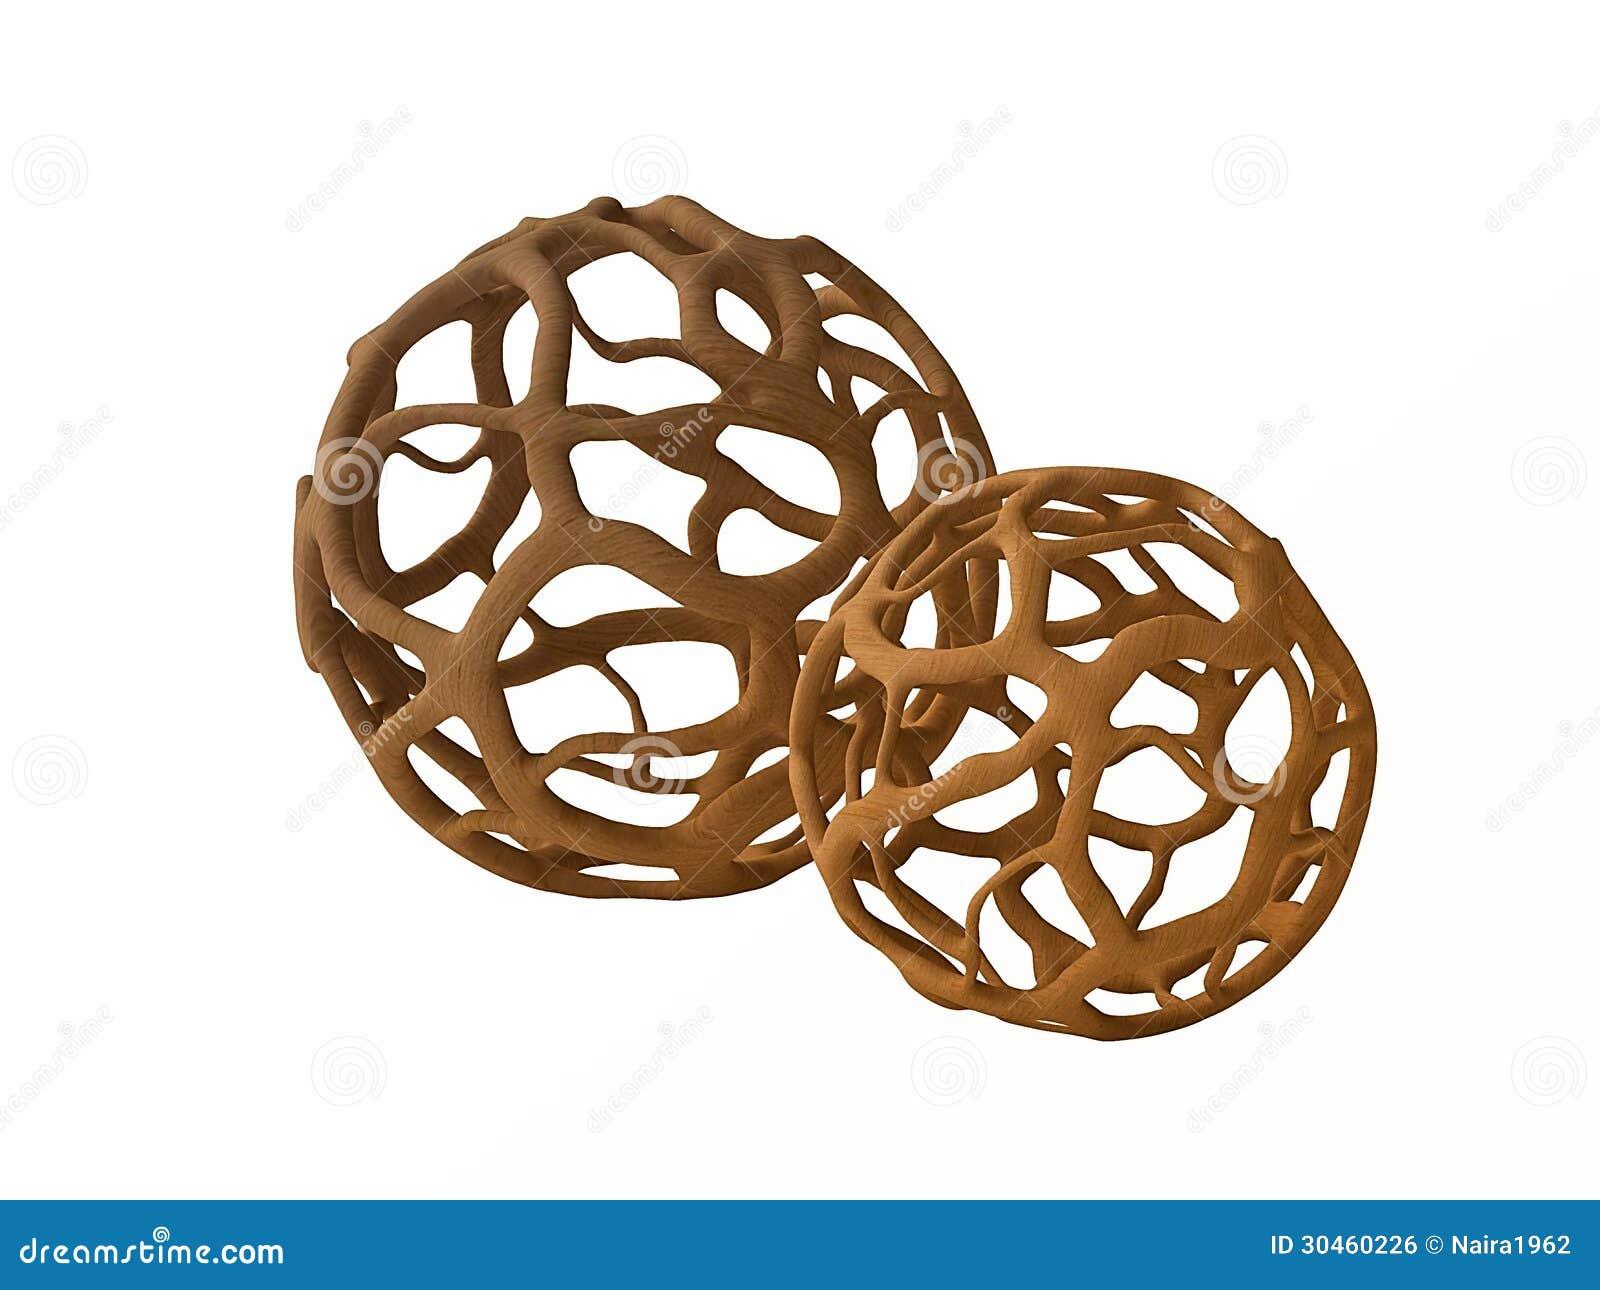 Oggetti di legno sferici per interior design immagine - Oggetti di design in legno ...